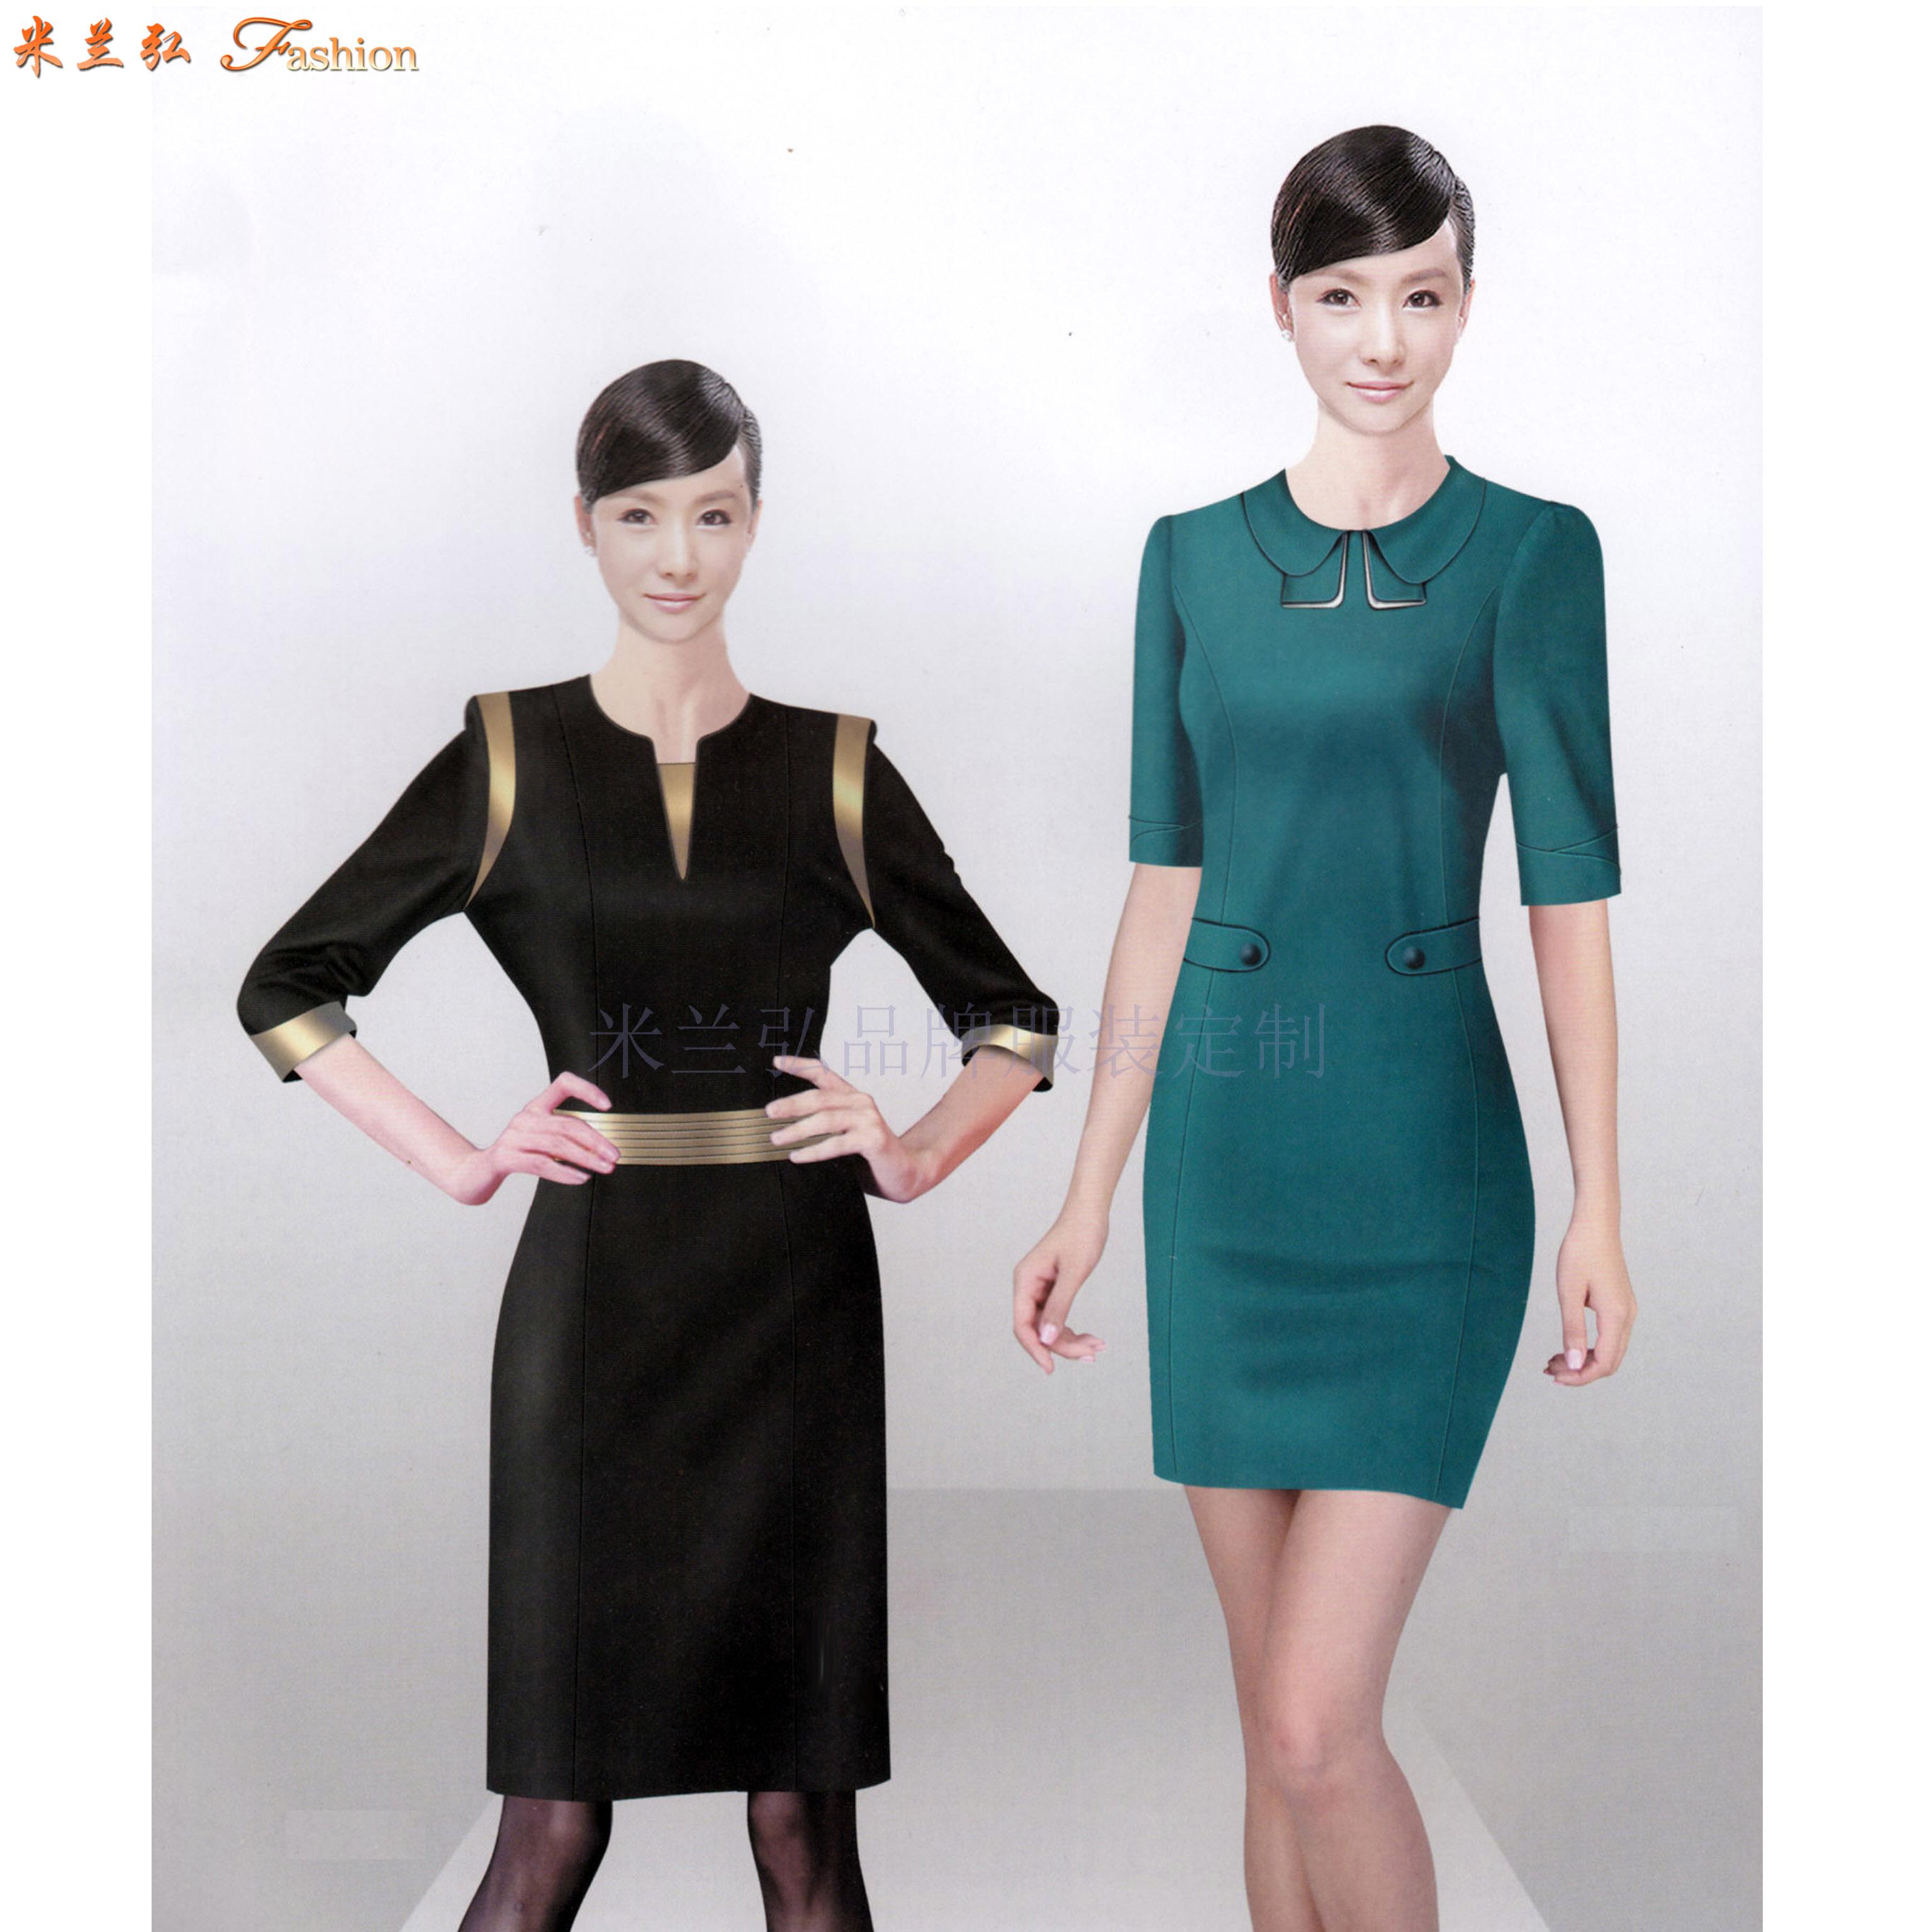 「職業裝連衣裙定制」「職業裝連衣裙訂制」-米蘭弘服裝-5